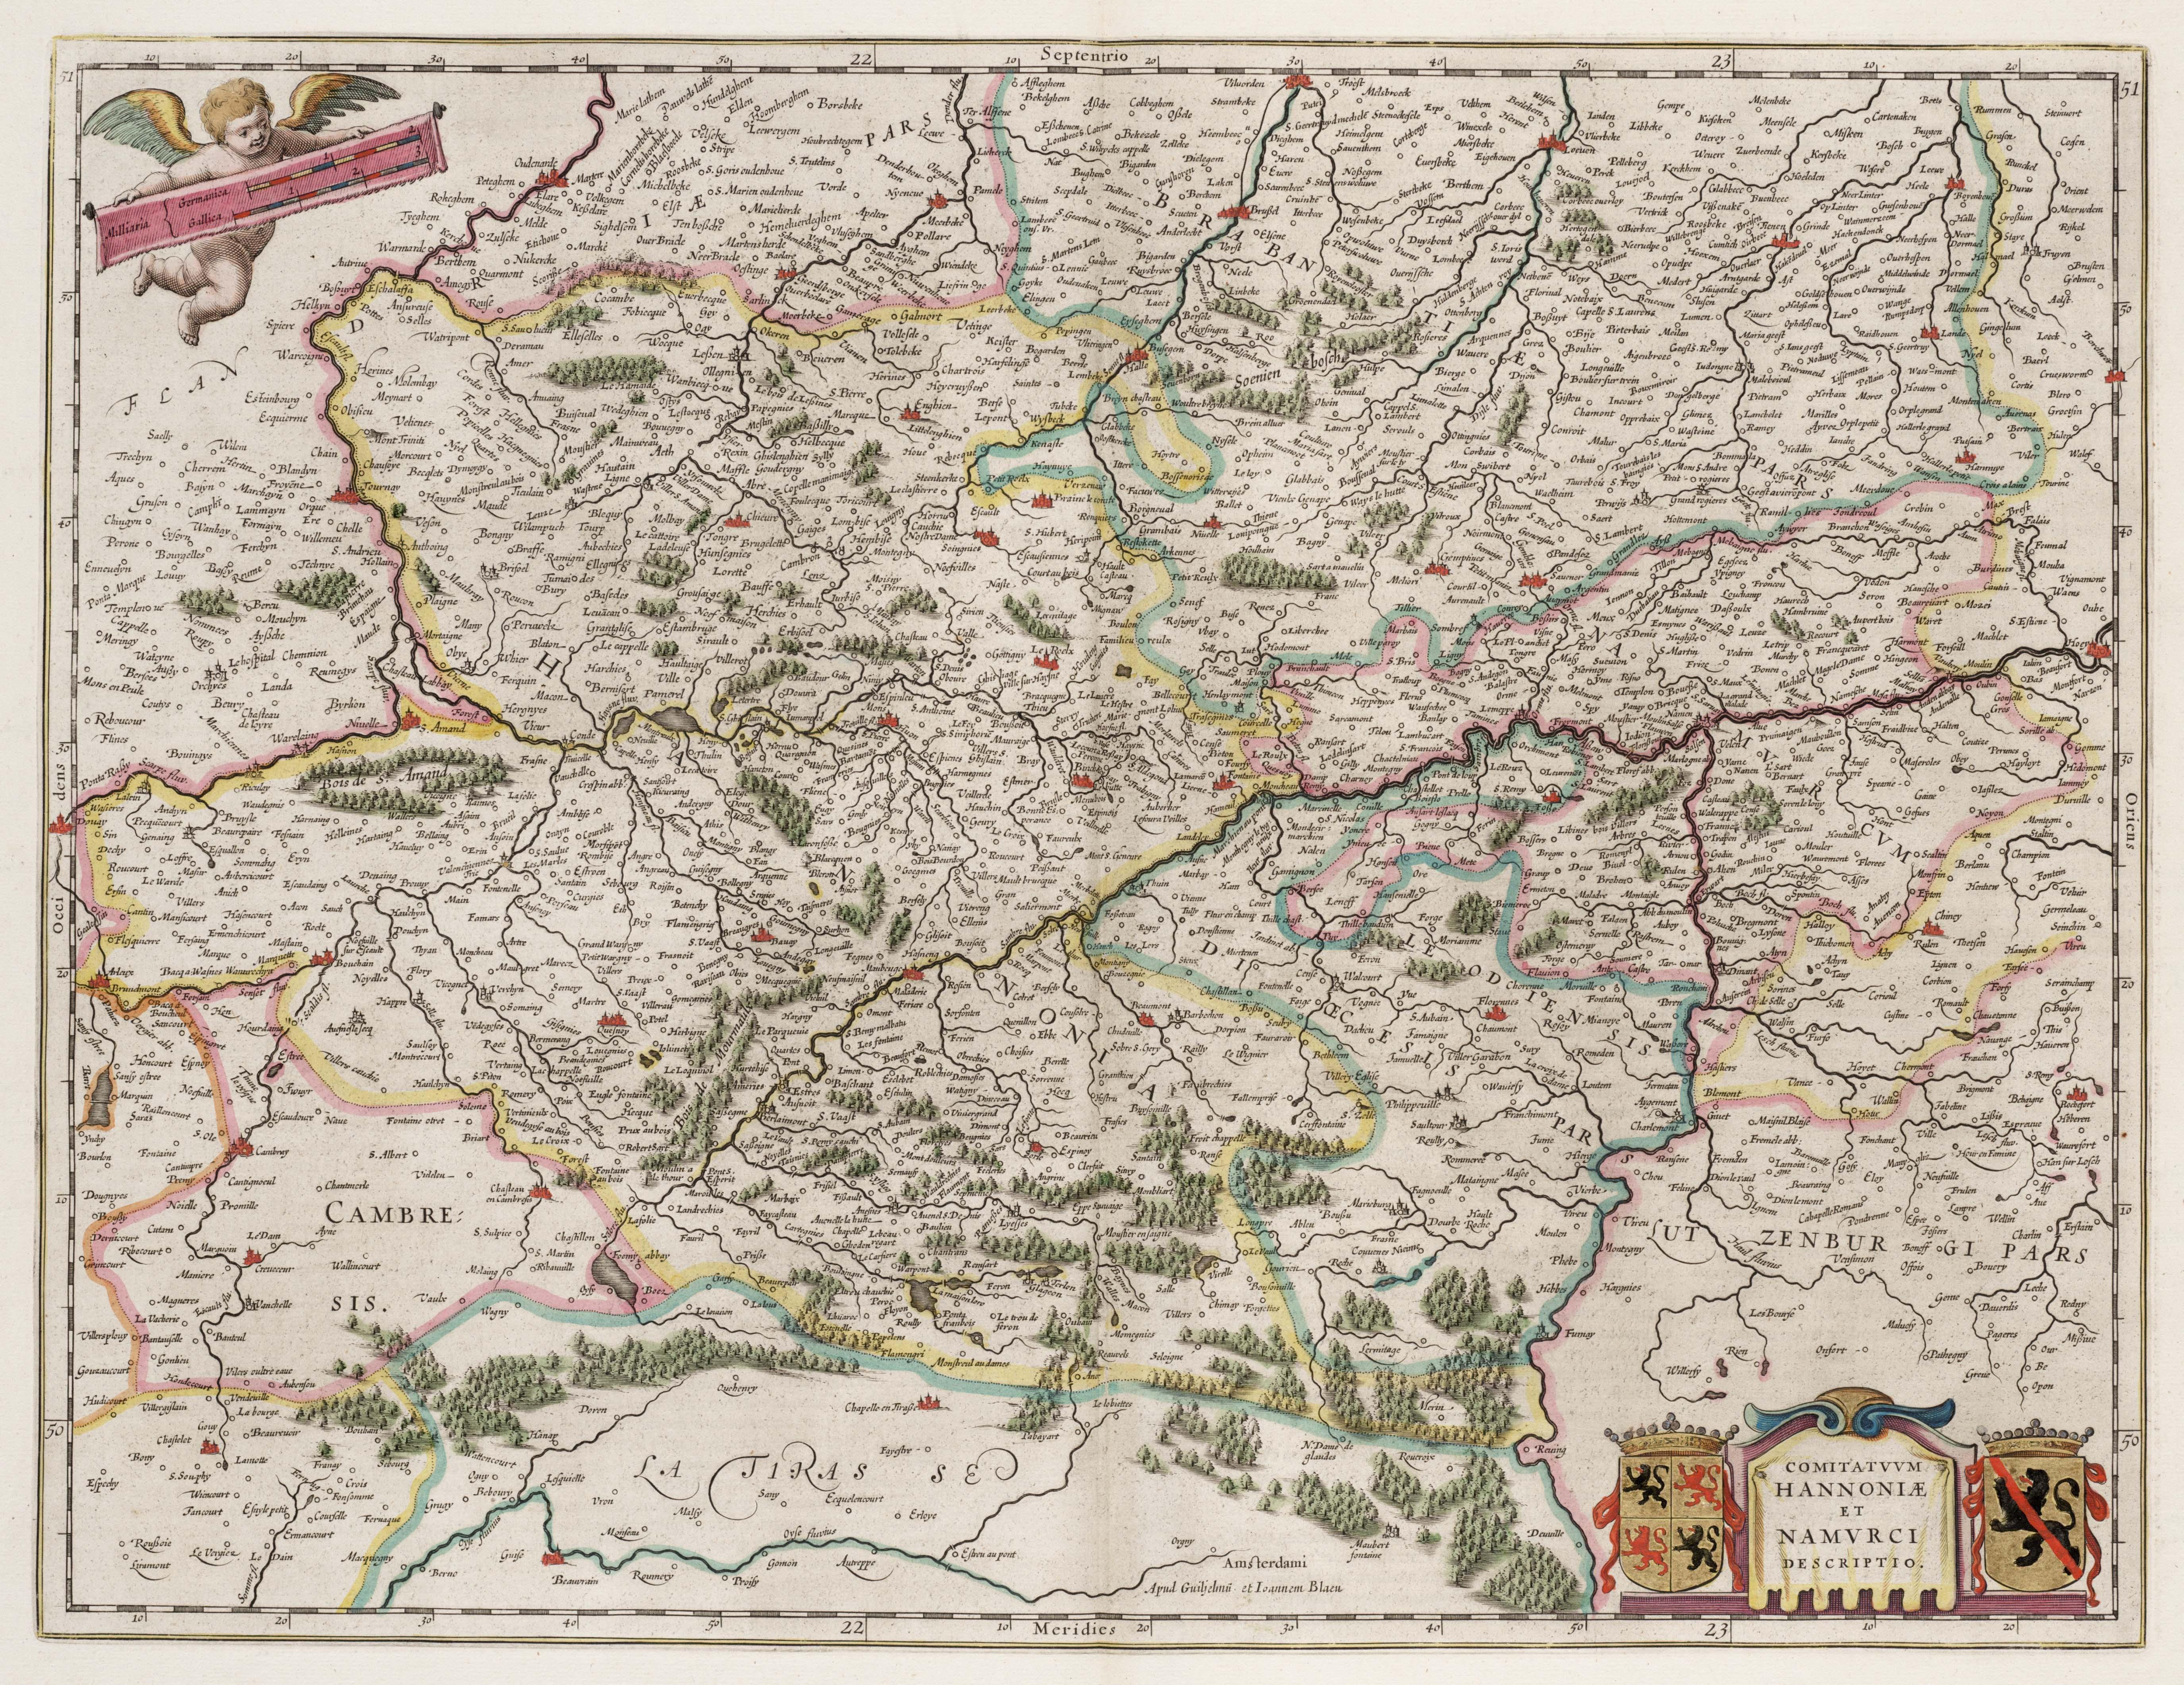 1664-COMITATVVM HANNONIAE ET NAMVRCI DESCRIPTIO  Amsterdami, Apud Guiljelmum et Ioannem Blaeuc